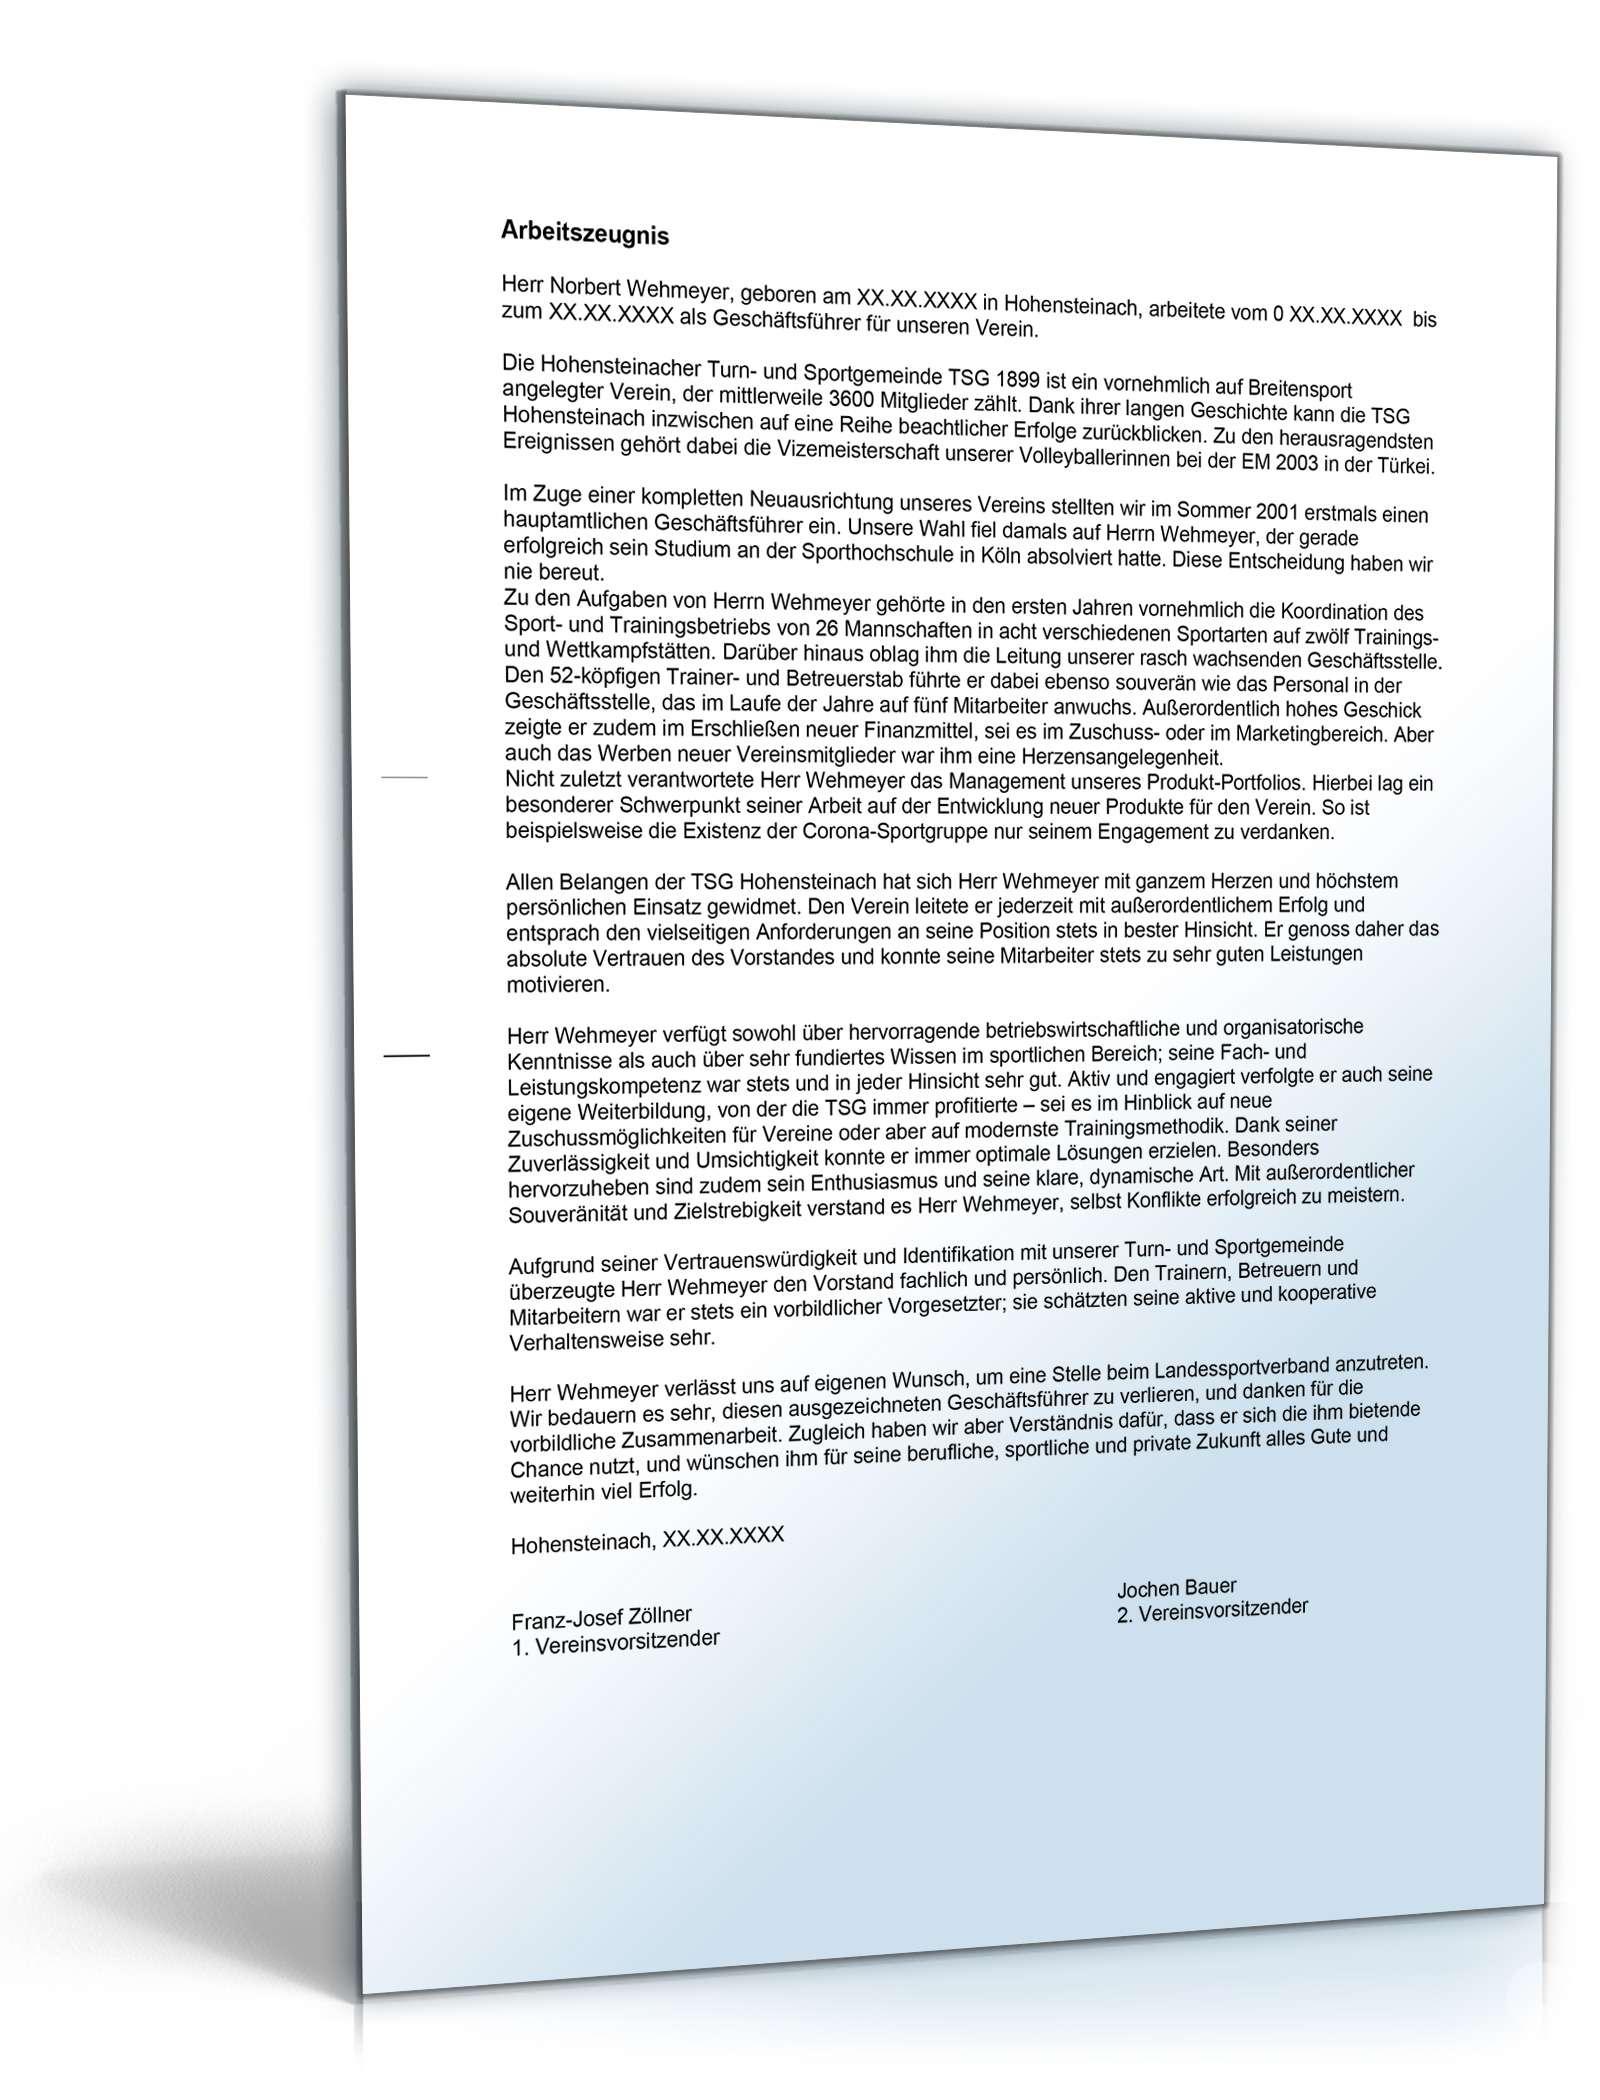 Gemütlich Vorstand Vorlage Galerie - Beispielzusammenfassung Ideen ...